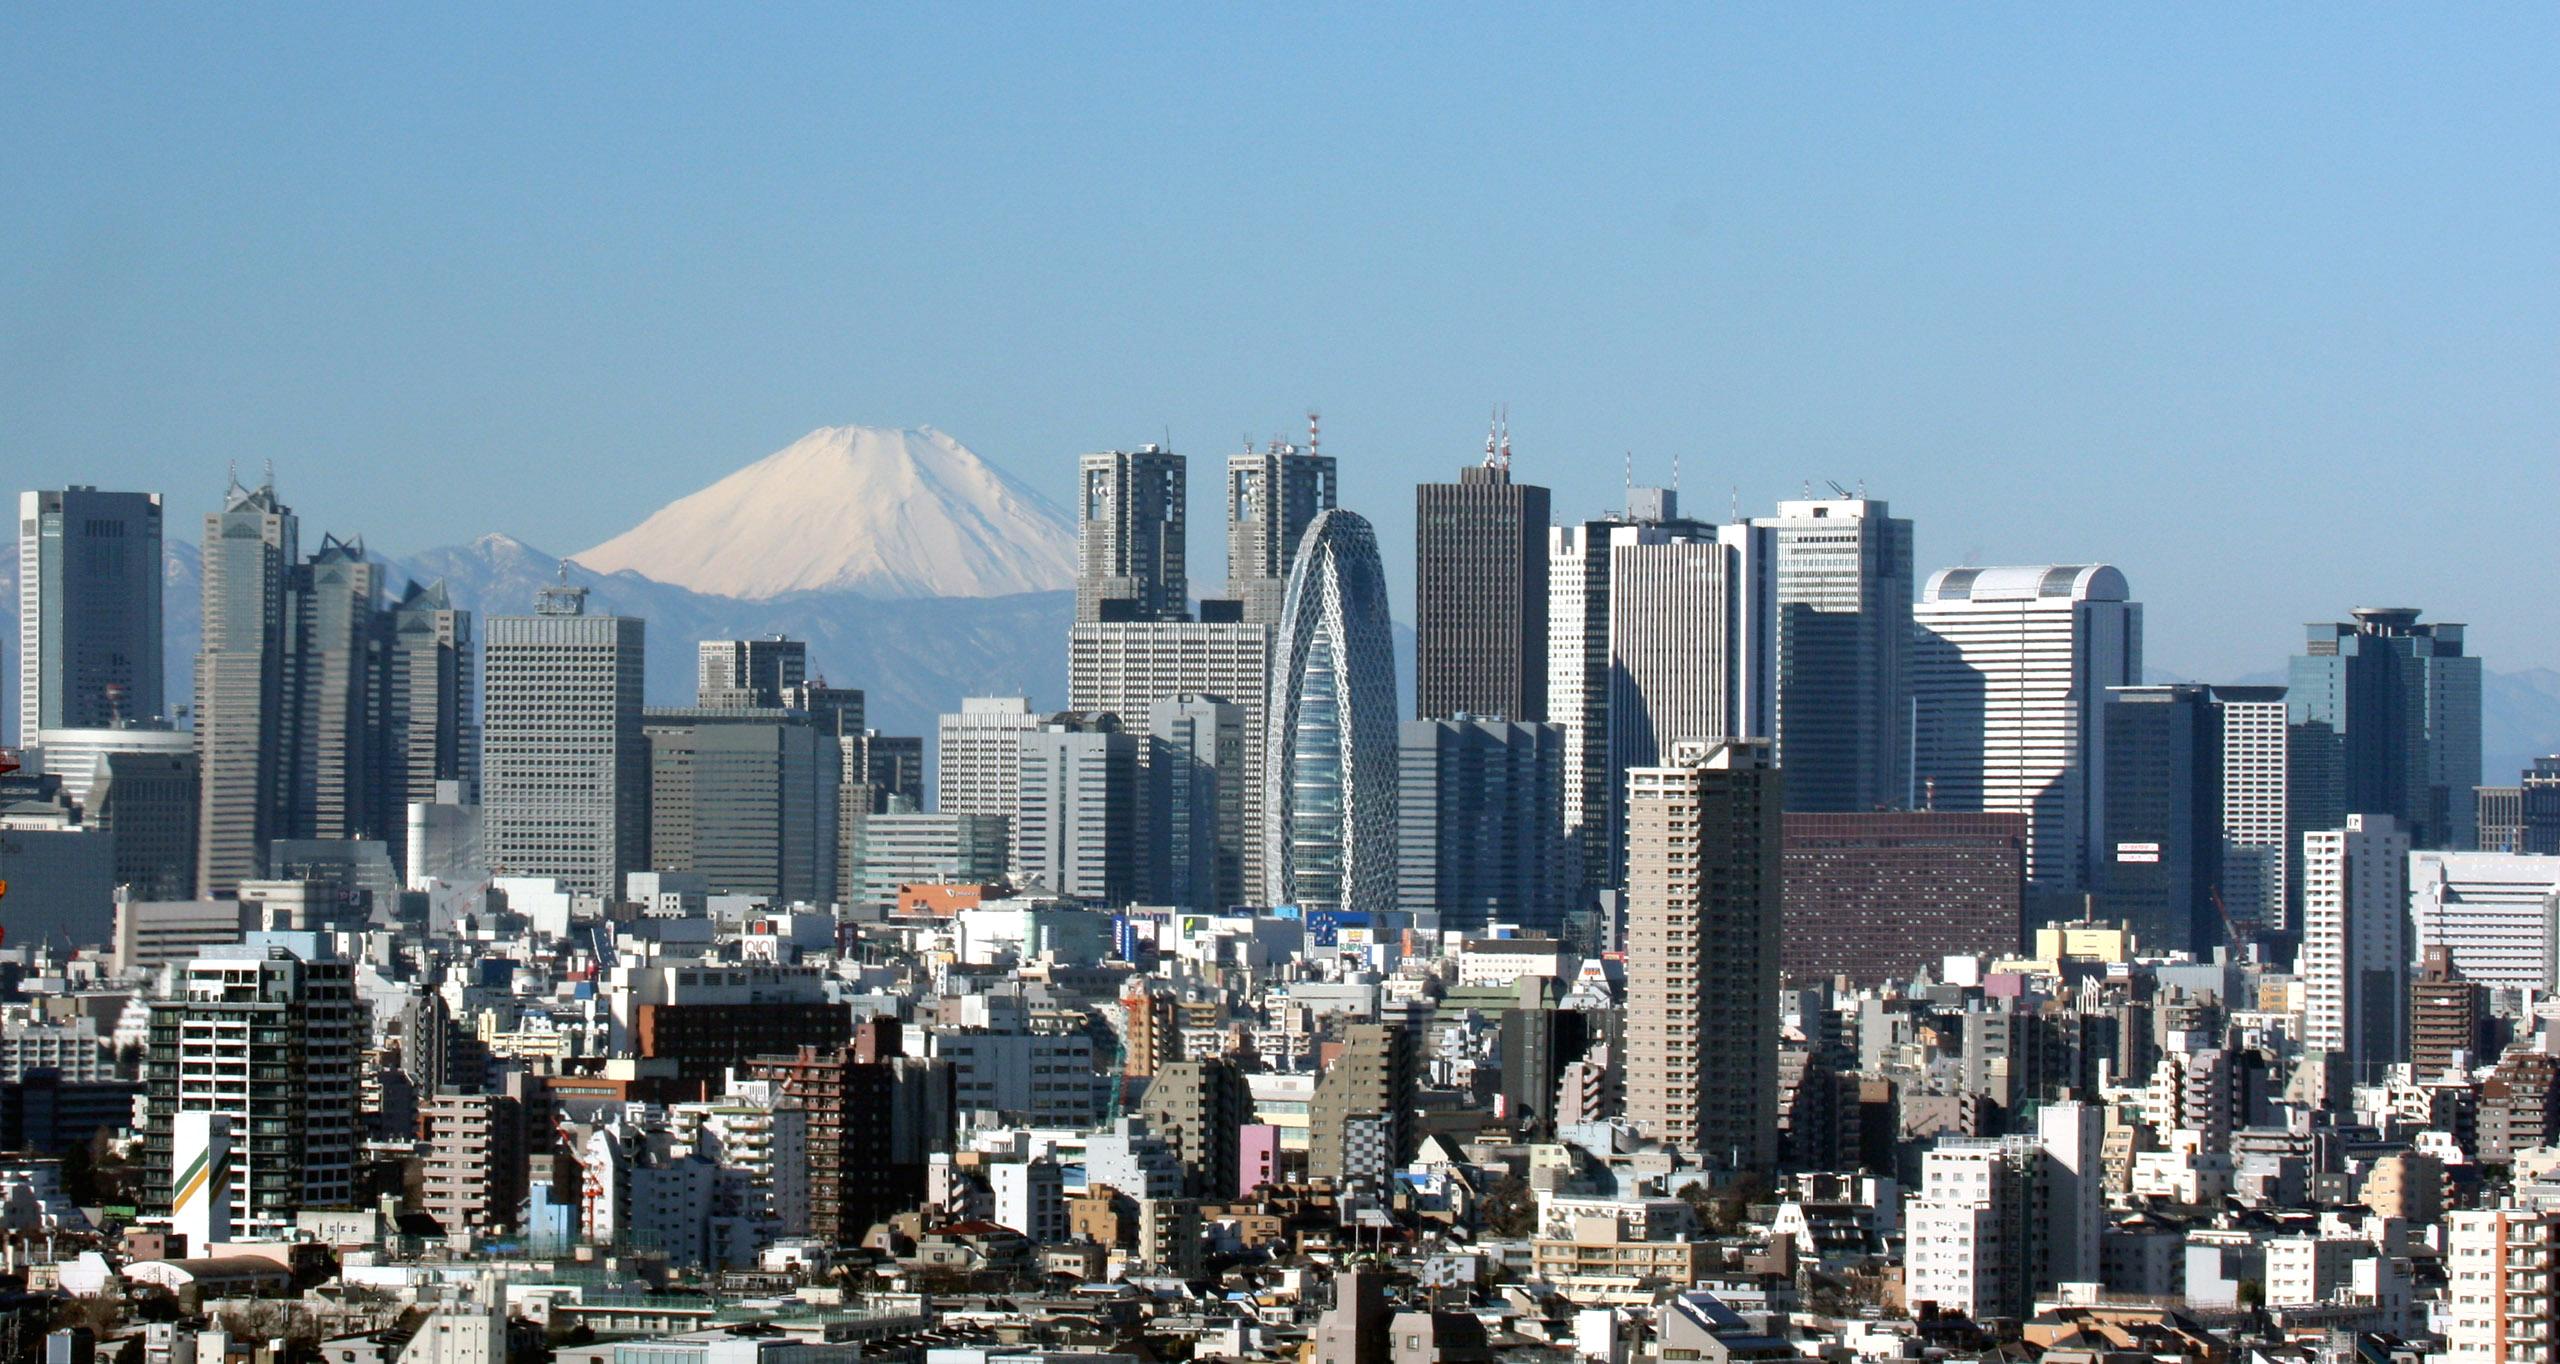 新宿でウォータースタンドが使いたい!対応地域かチェックしよう!